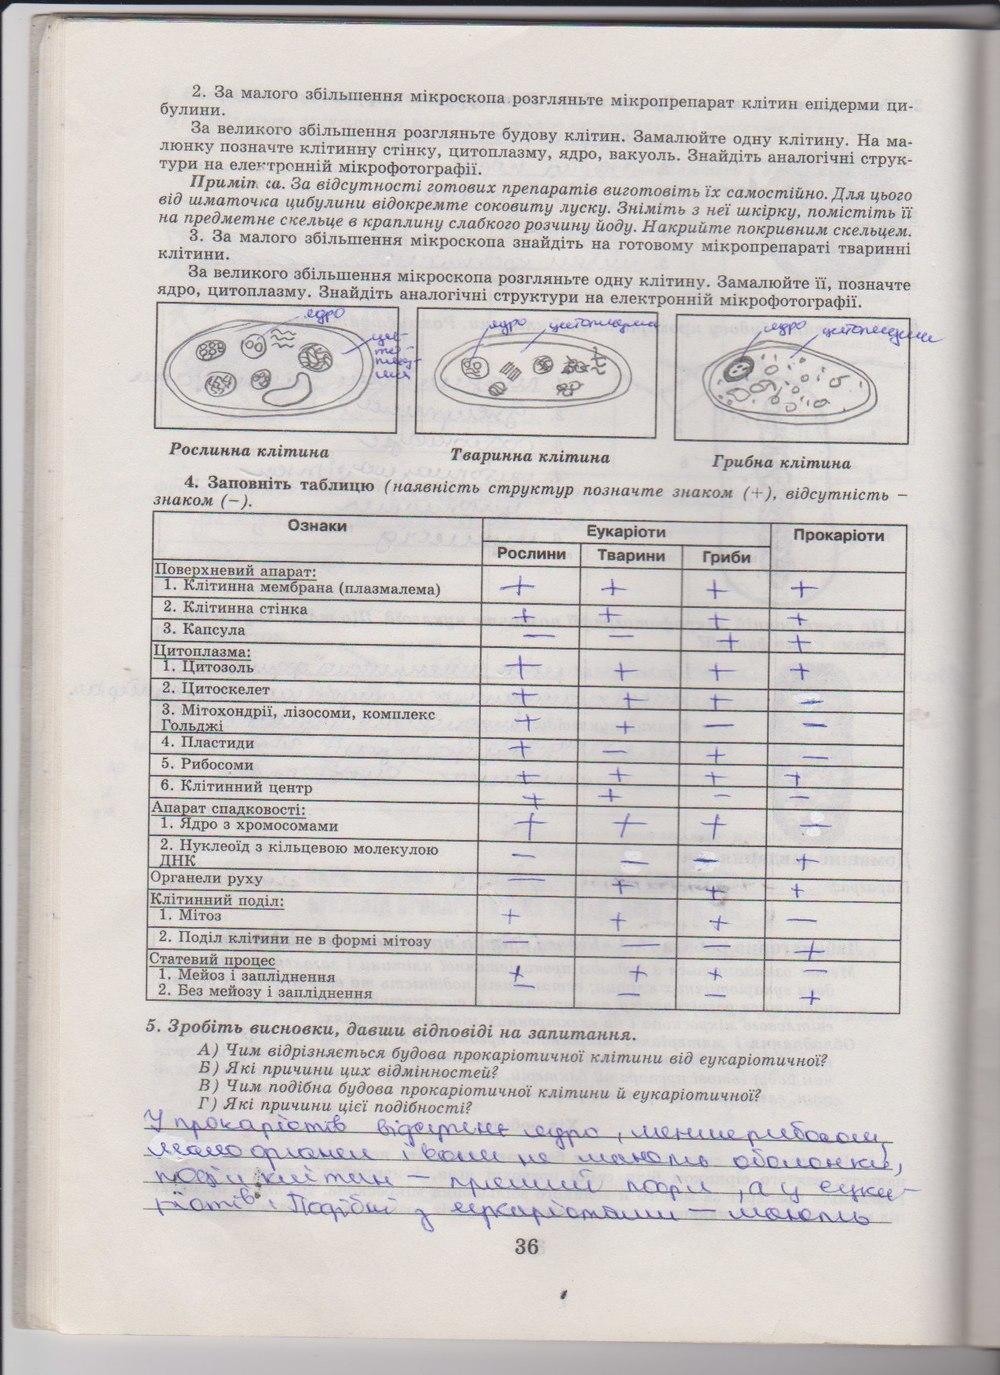 гдз к тетради по биологии 10 класс яковлева гусева